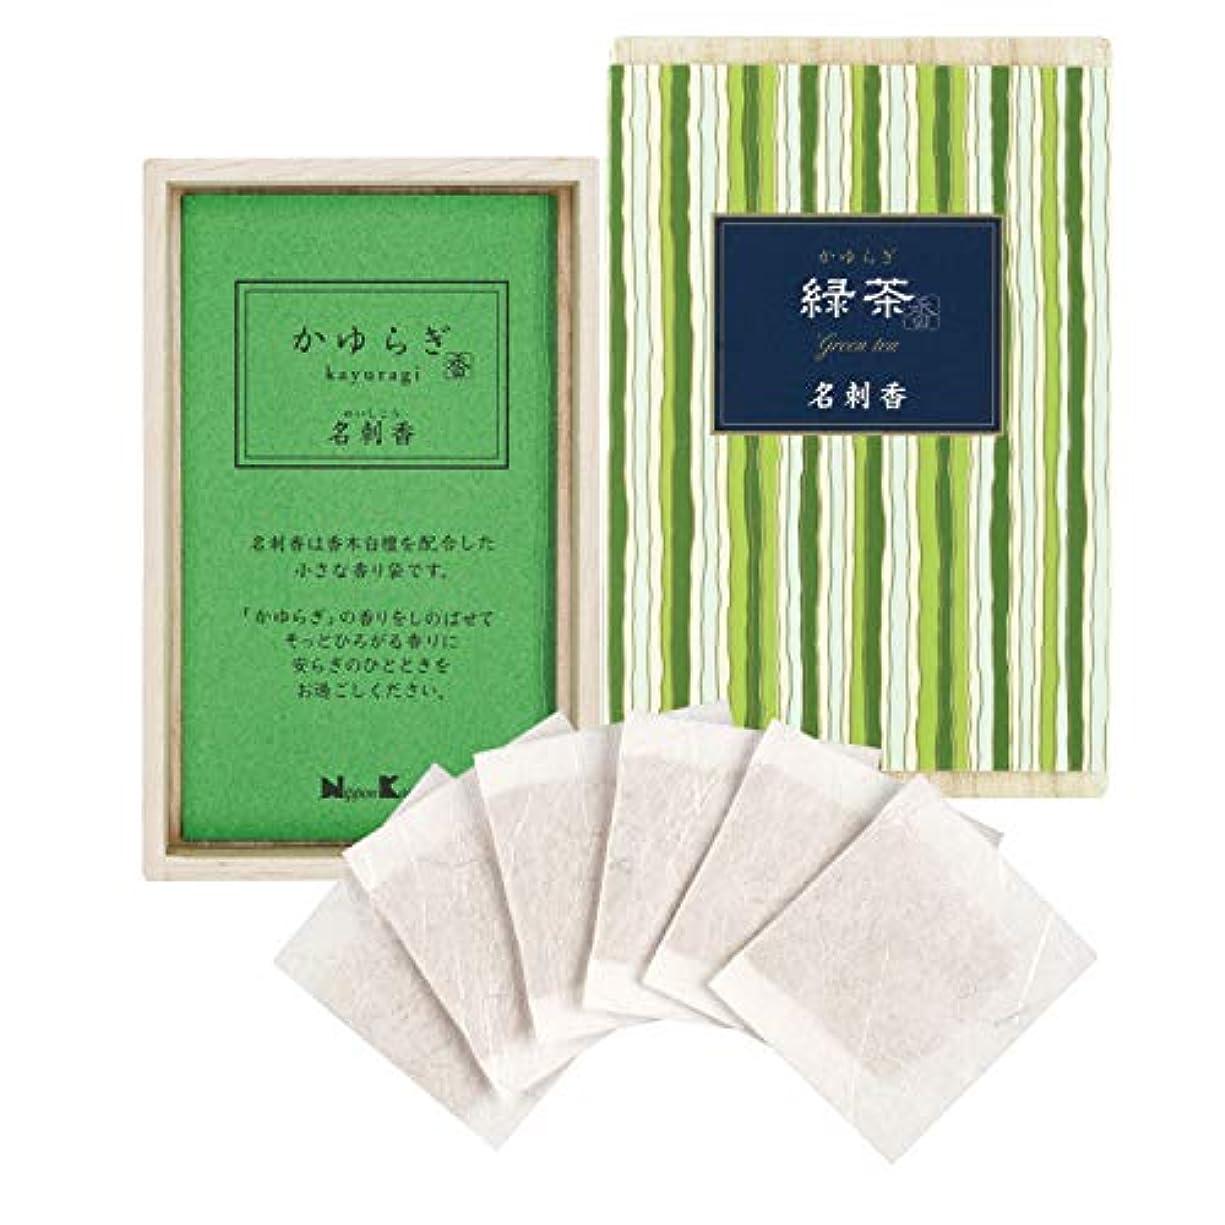 熱望する状小包かゆらぎ 緑茶 名刺香 桐箱 6入